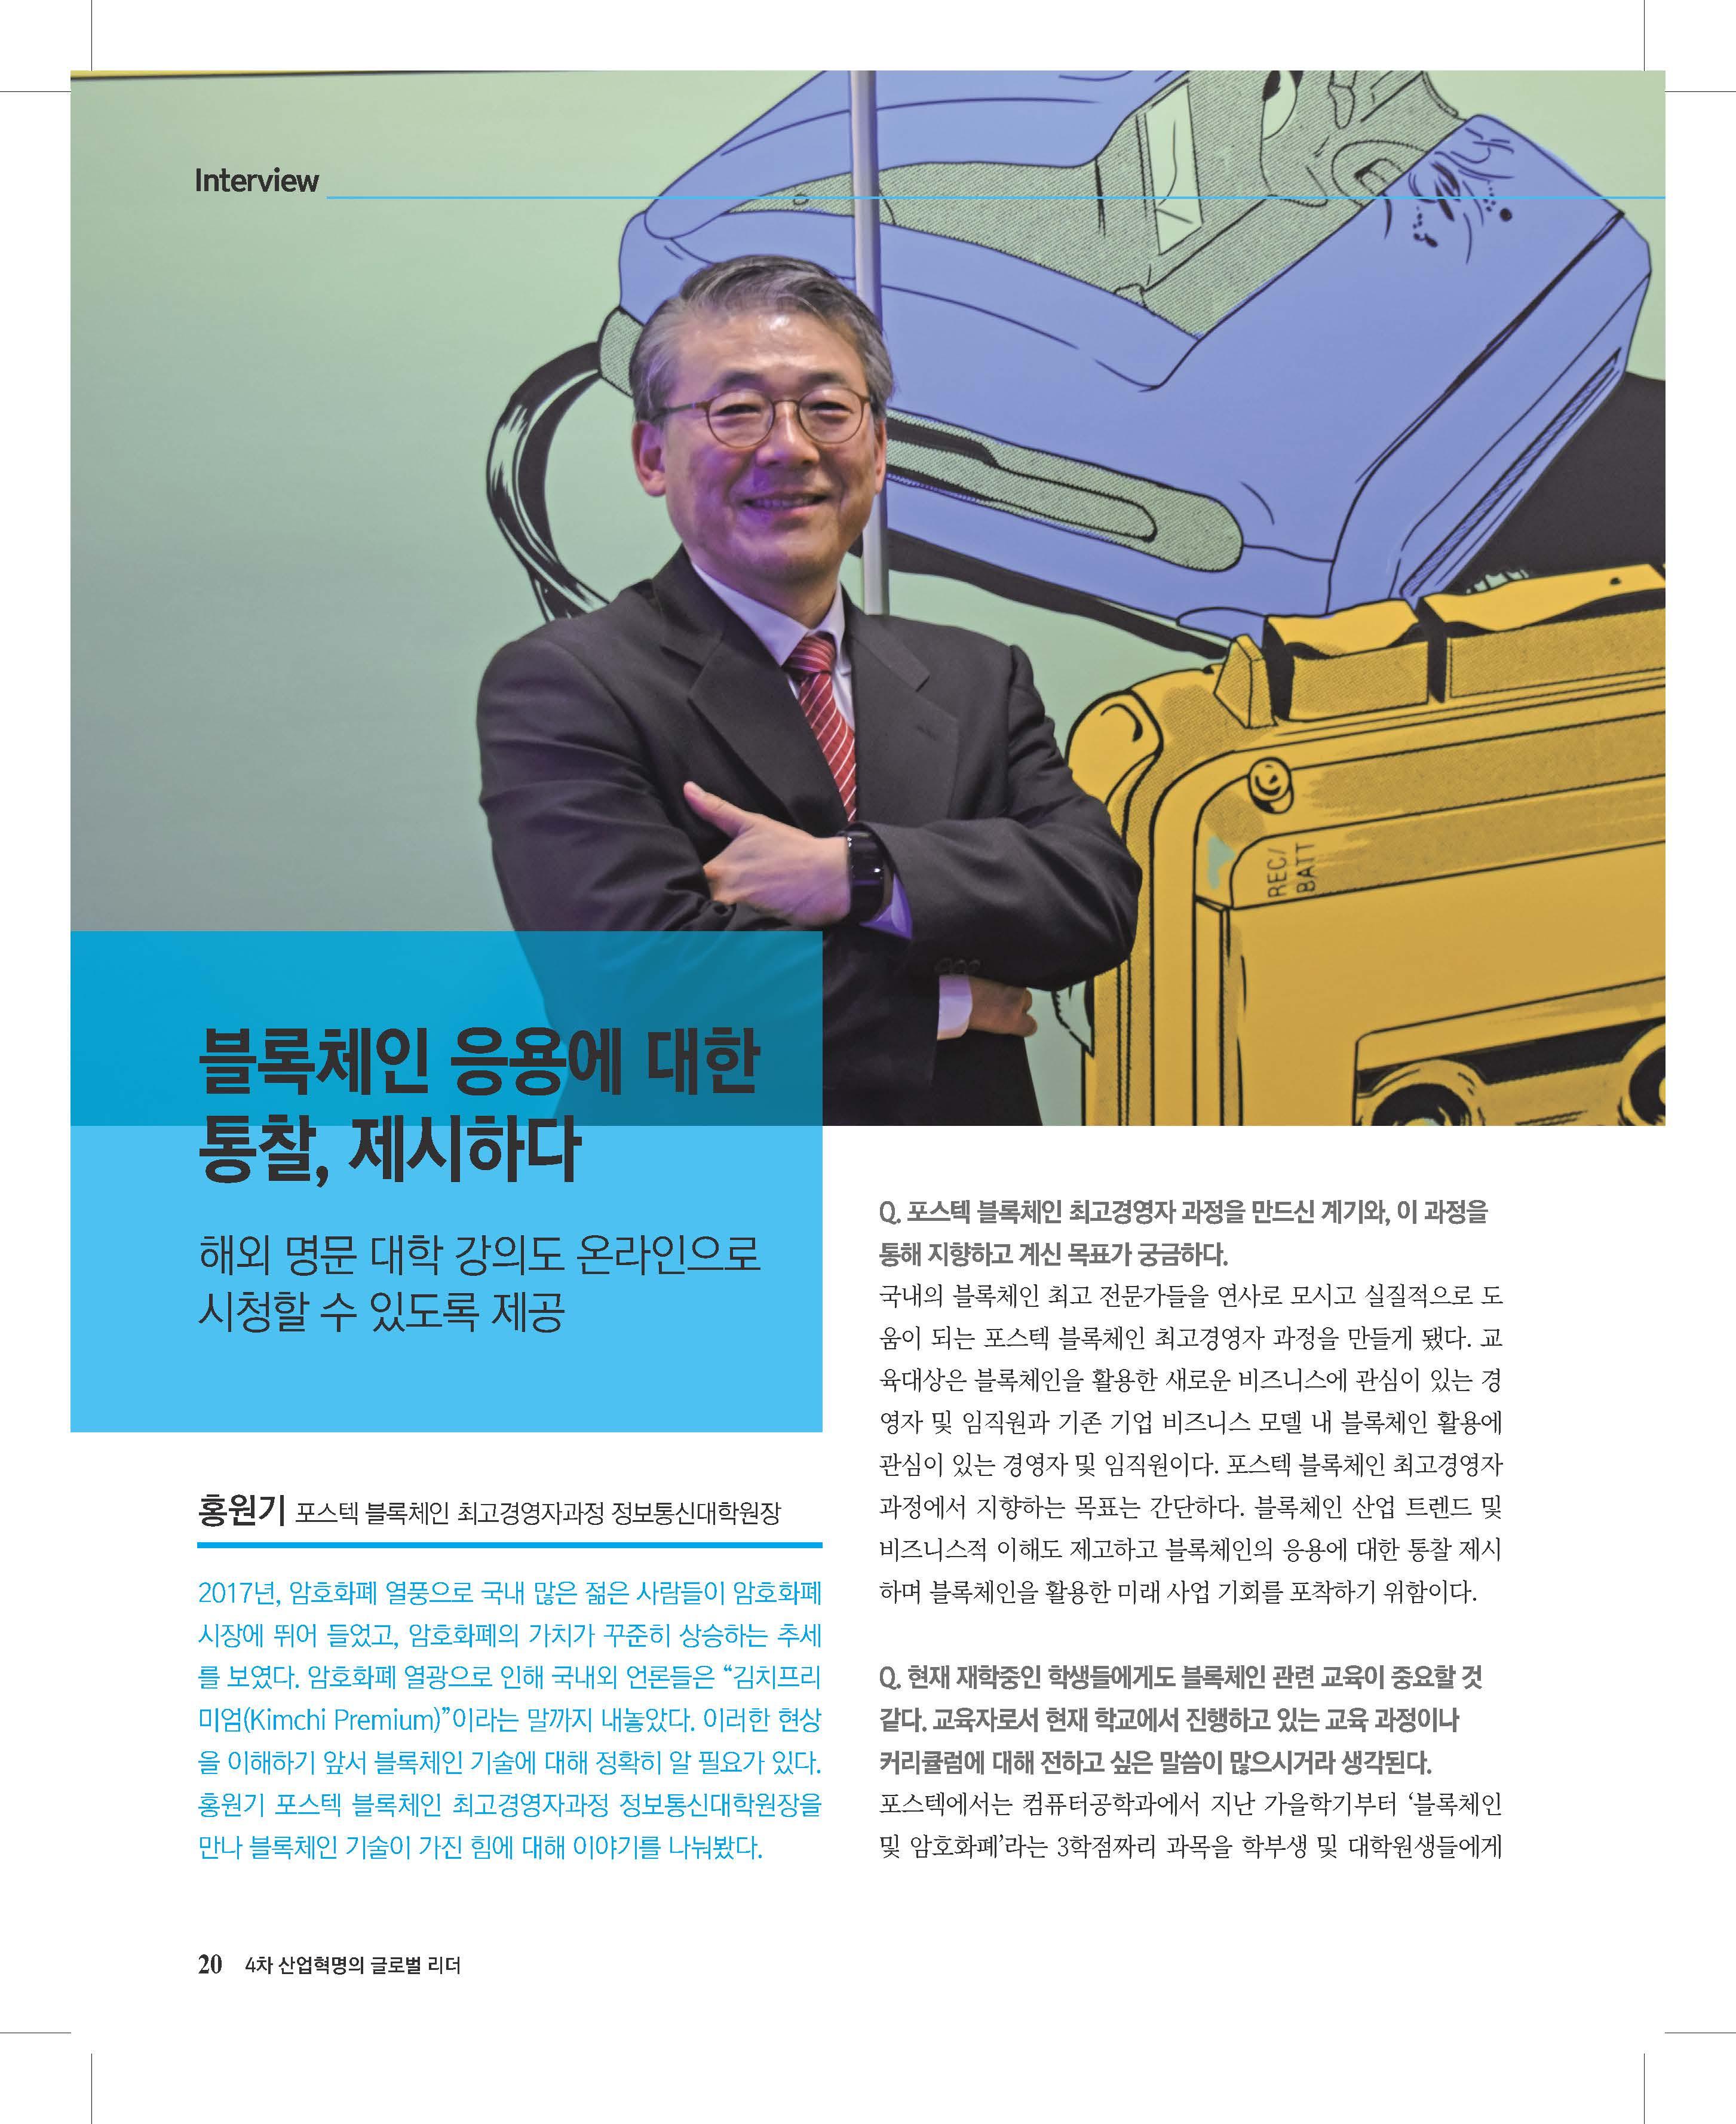 190211_홍원기 교수님 인터뷰_페이지_1.jpg